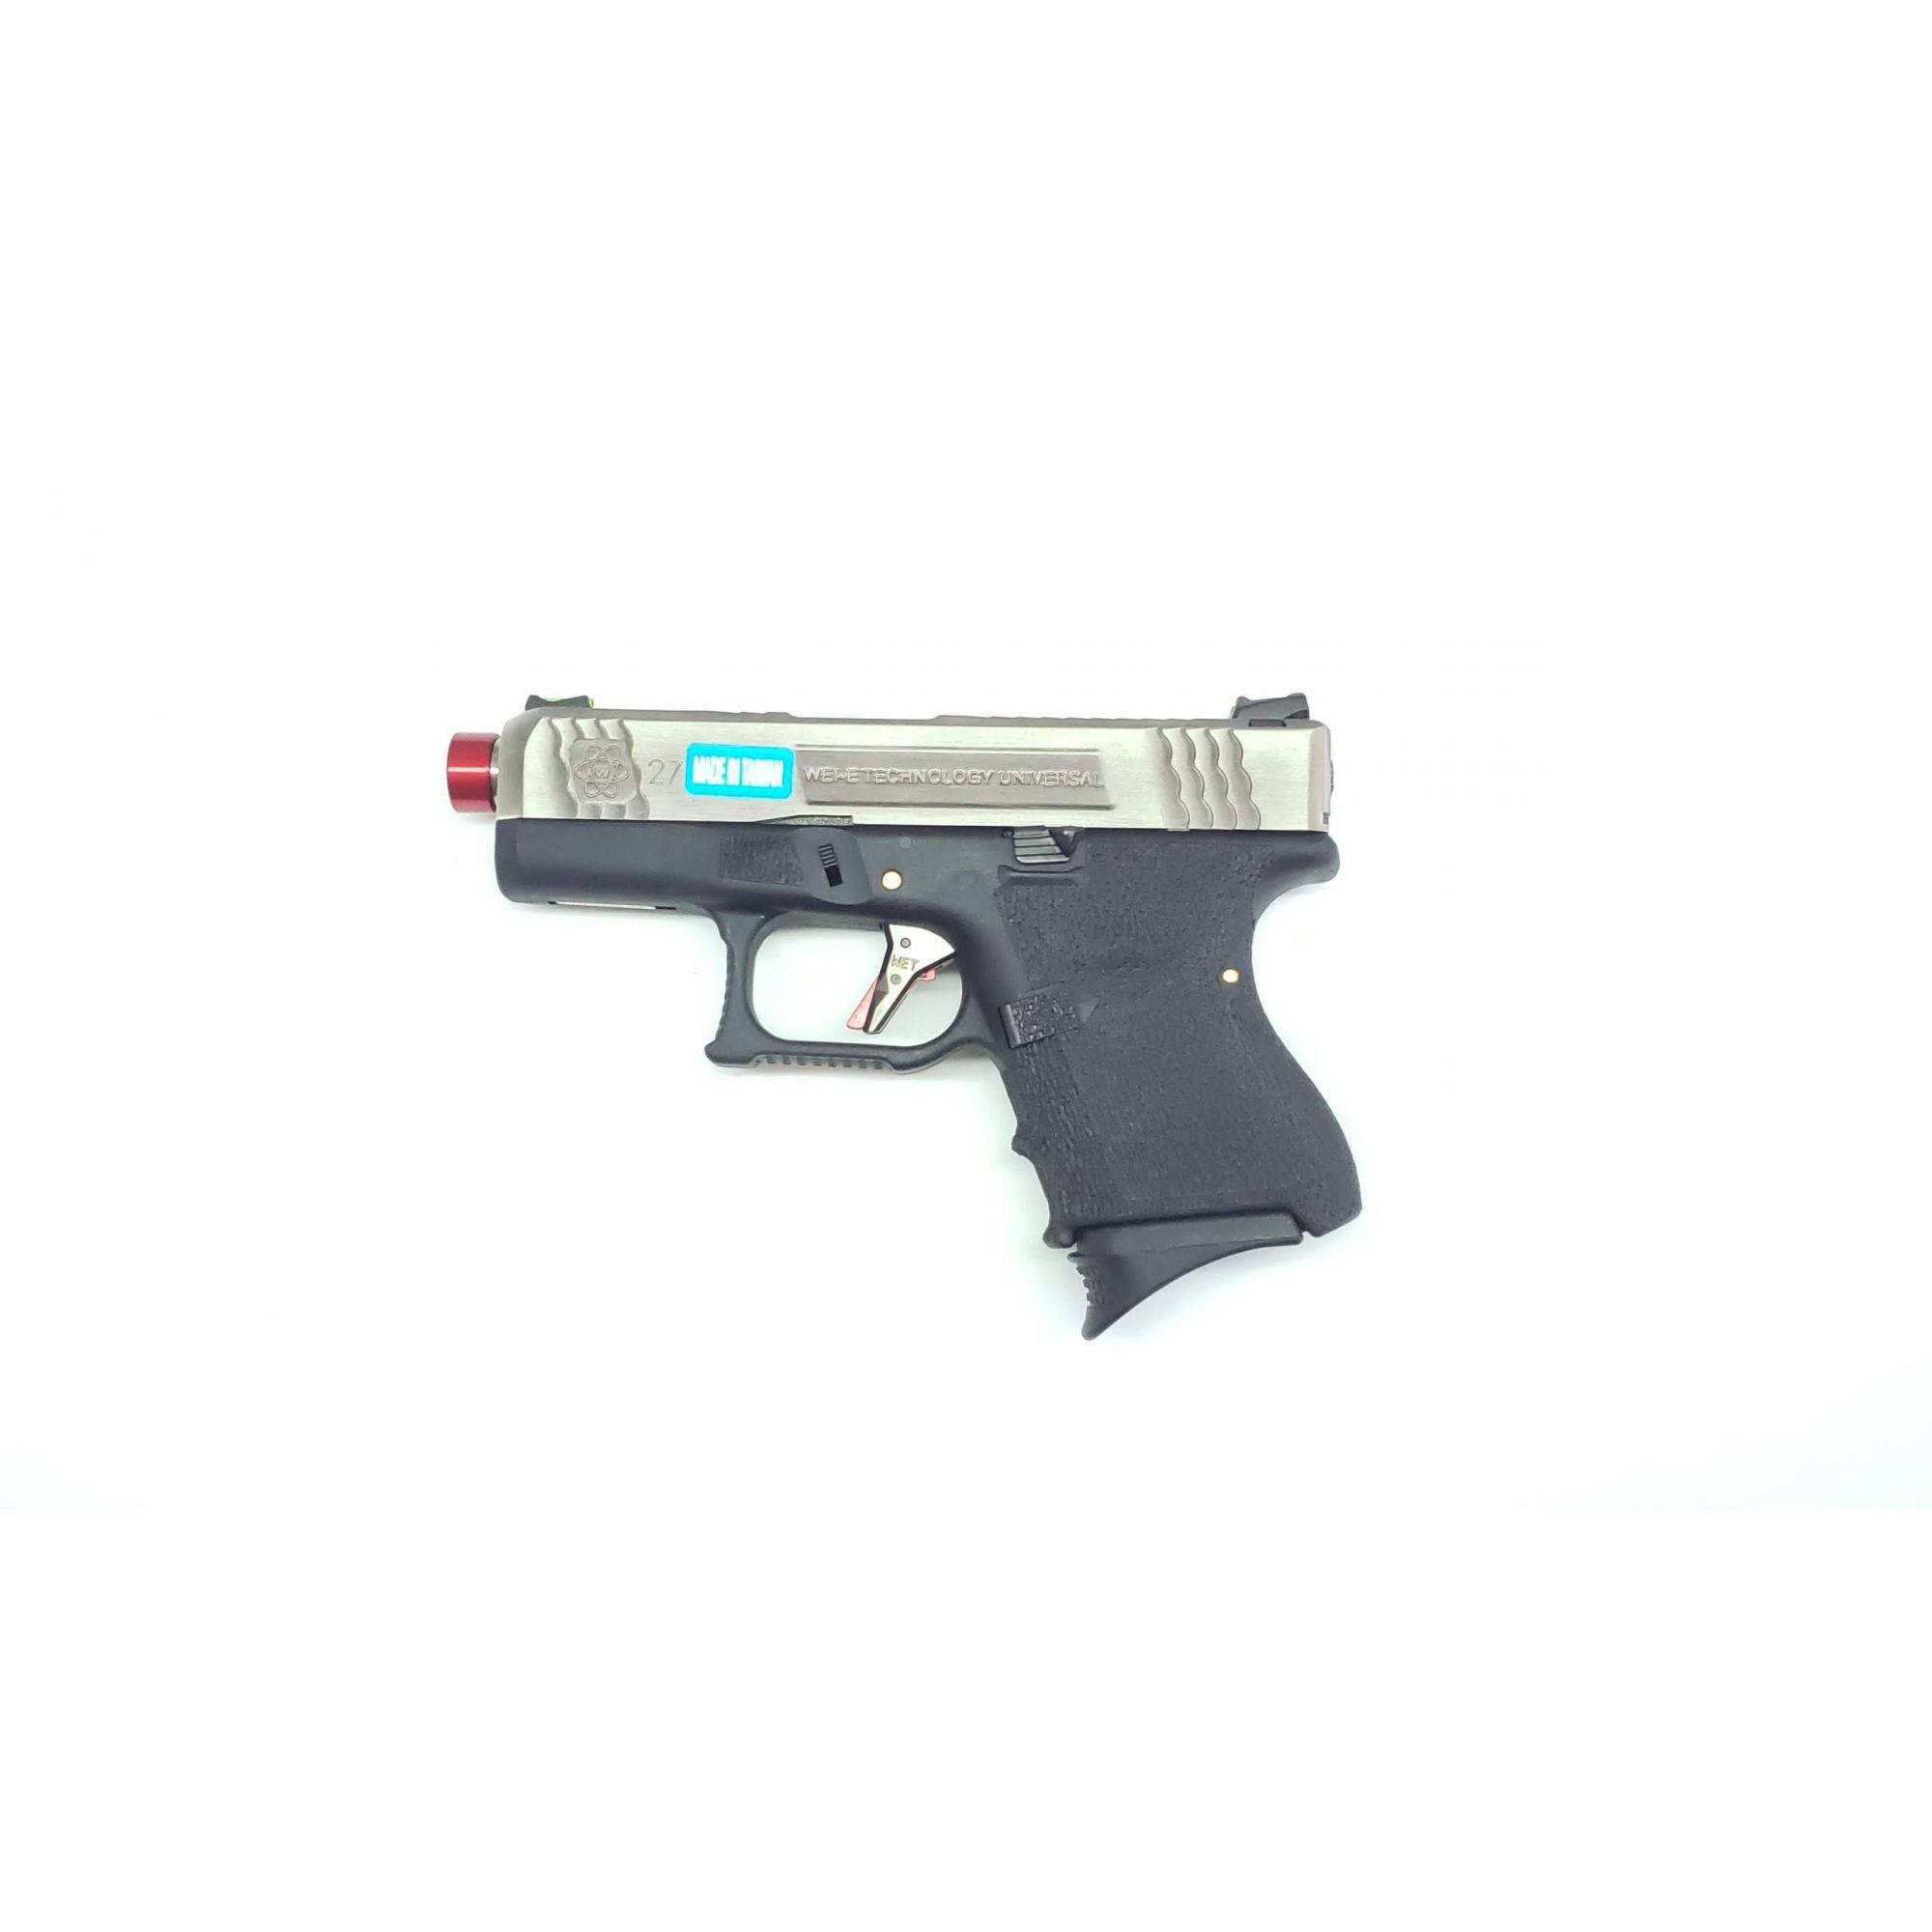 Pistola Airsoft WE Glock G27 T7